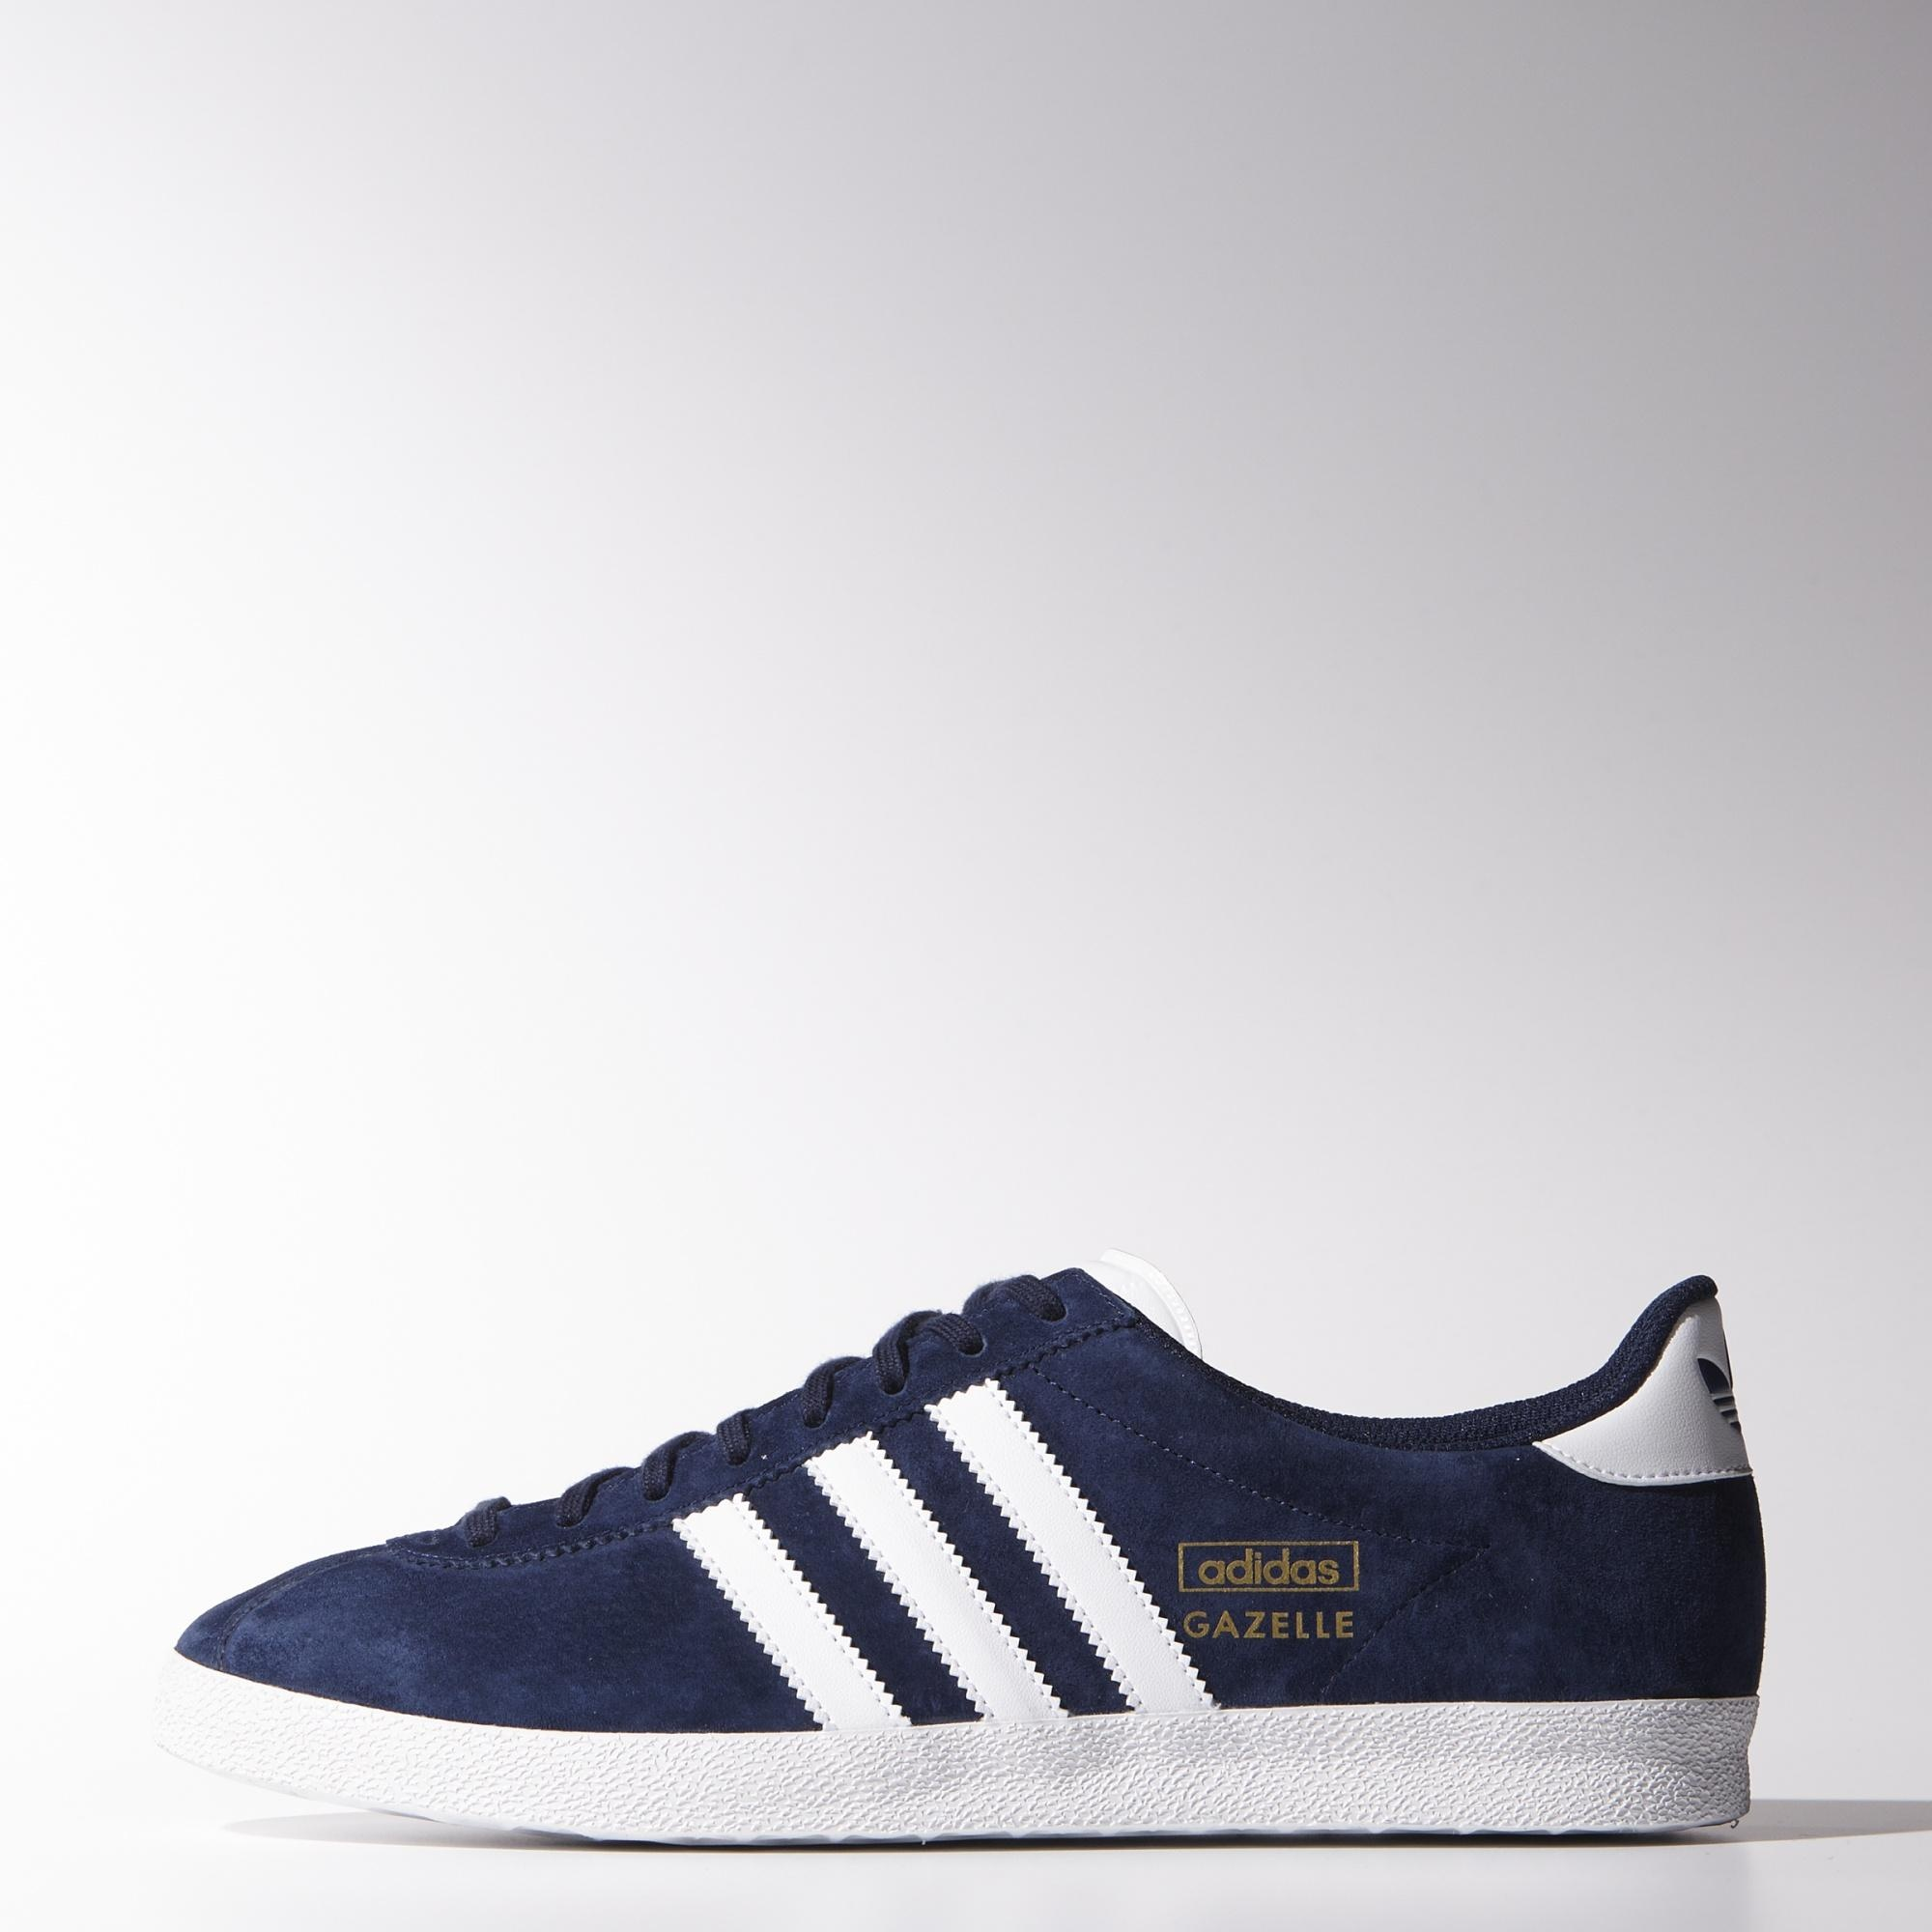 9a26645bd041a Chaussure Gazelle OG - bleu adidas   adidas France